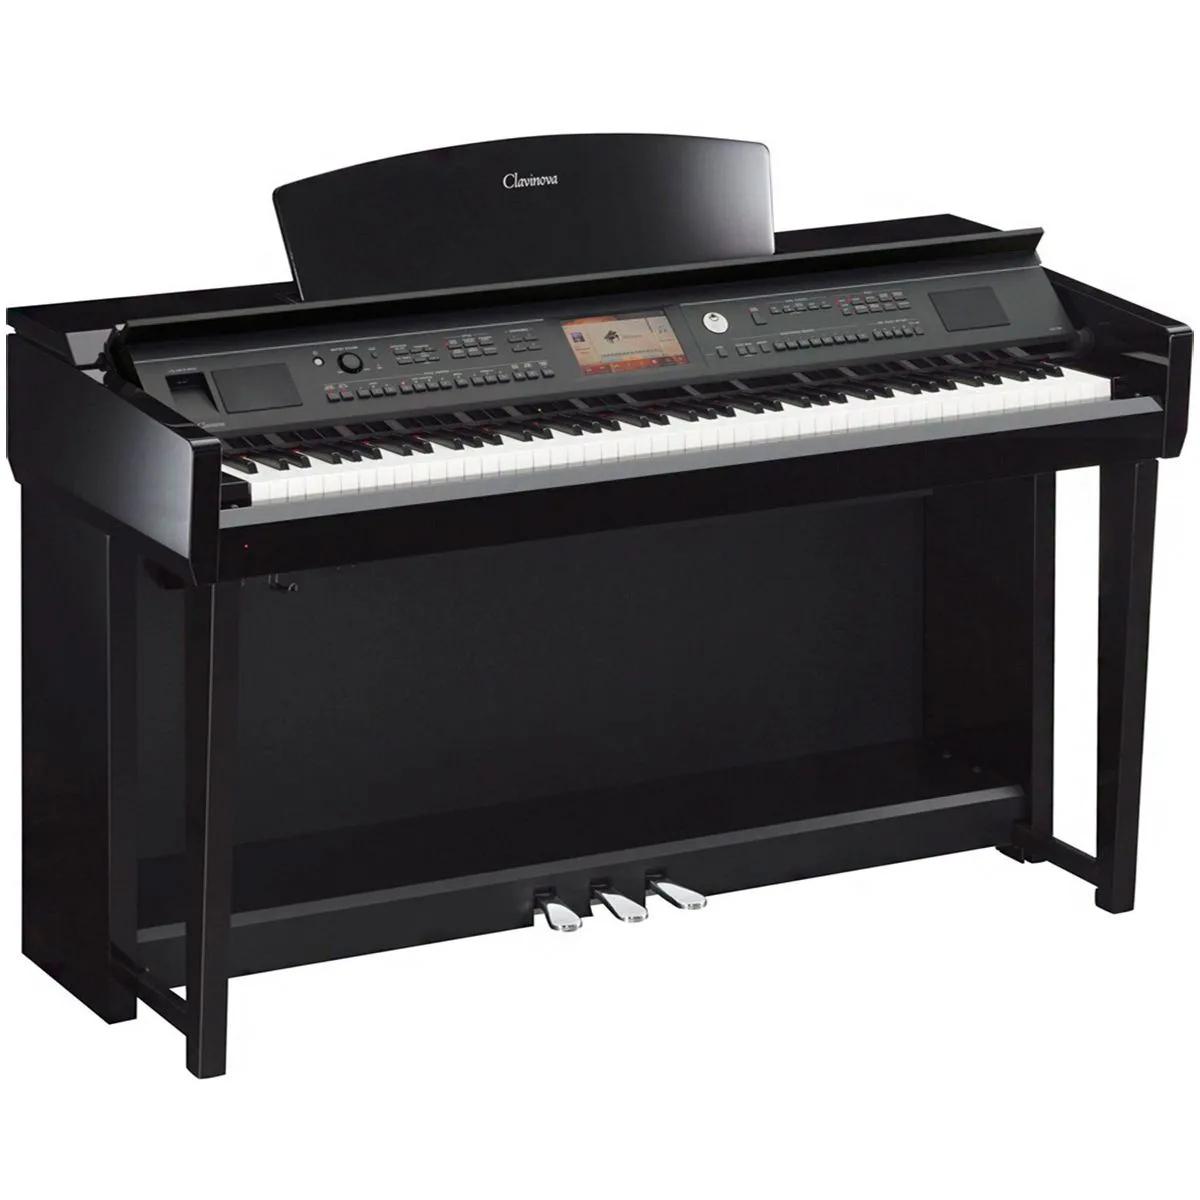 Piano Digital Yamaha Clavinova CVP705 88 Teclas com Estante